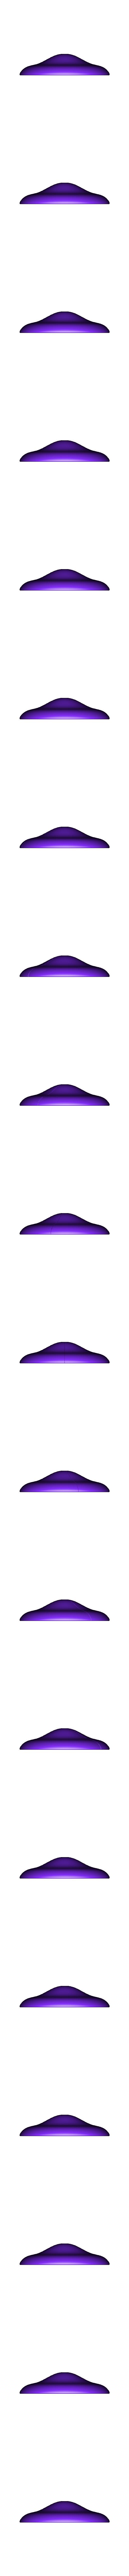 Top.stl Télécharger fichier OBJ Mickey Christmas night light lithophane • Objet imprimable en 3D, Ludo3D